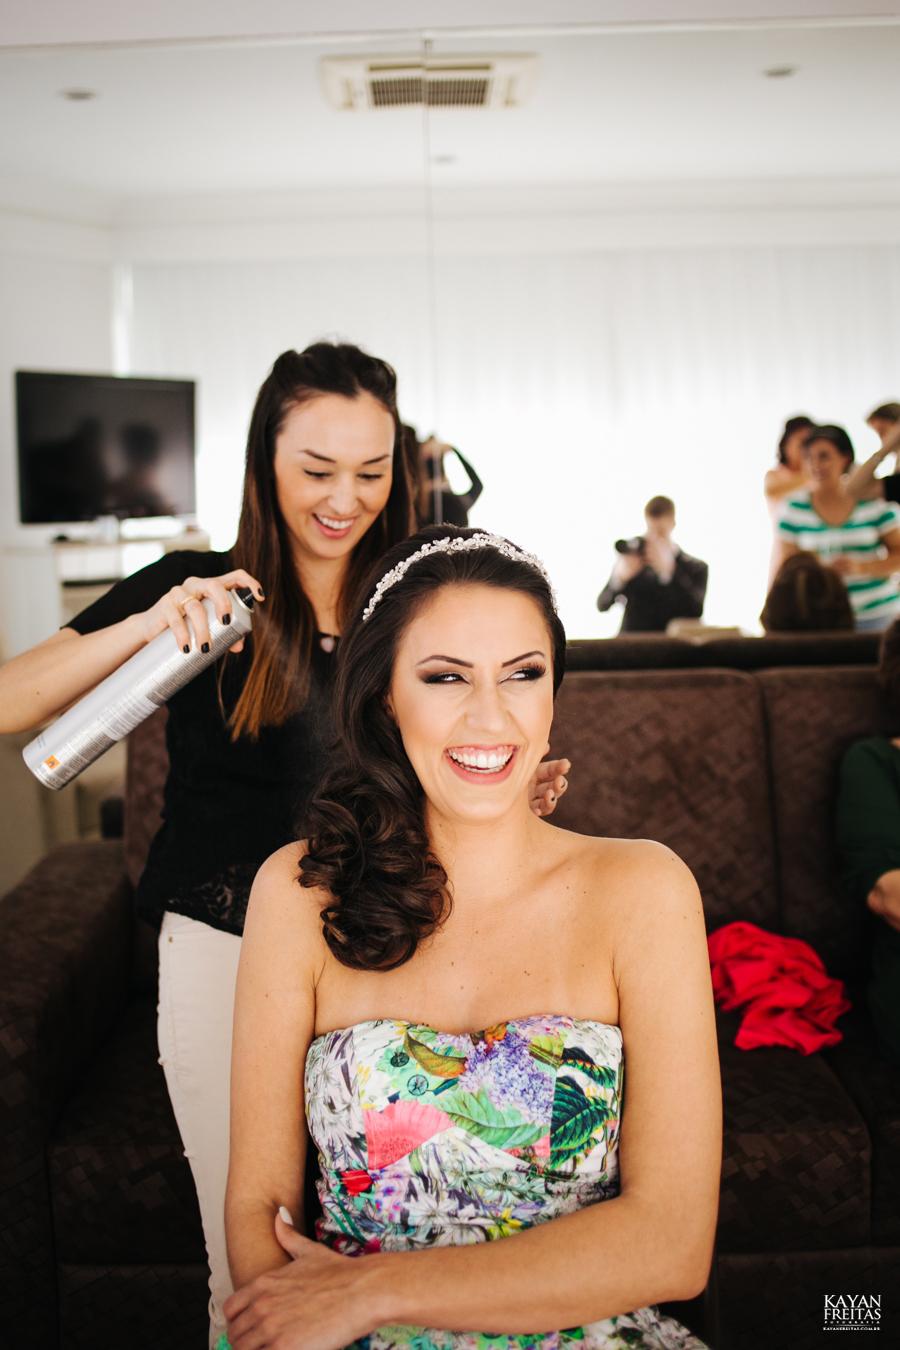 casamento-mari-fernando-0028 Mariana + Fernando - Casamento em Florianópolis - Pier 54